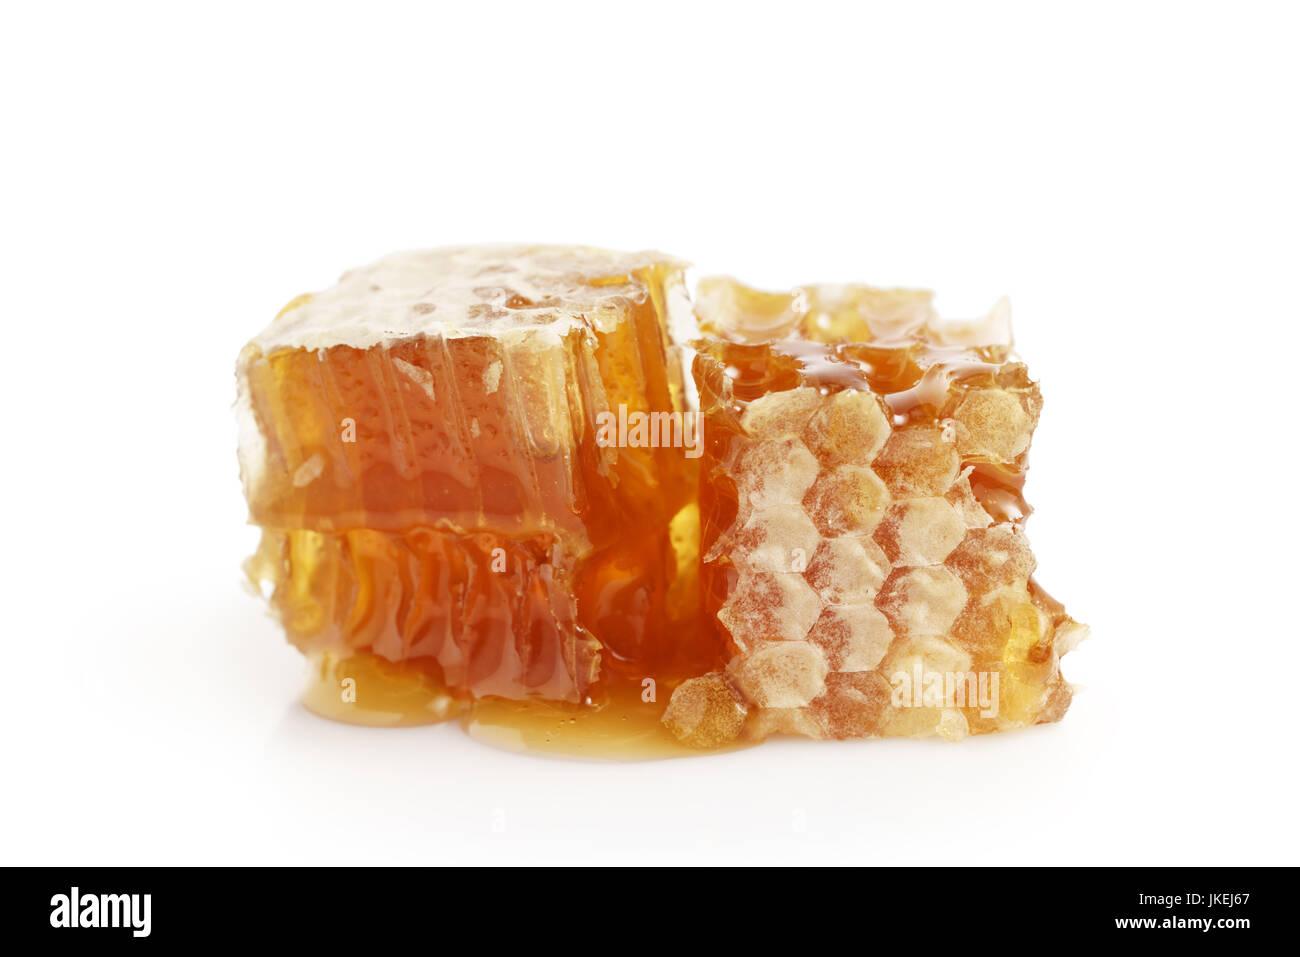 honeycomb with honey isolated on white - Stock Image